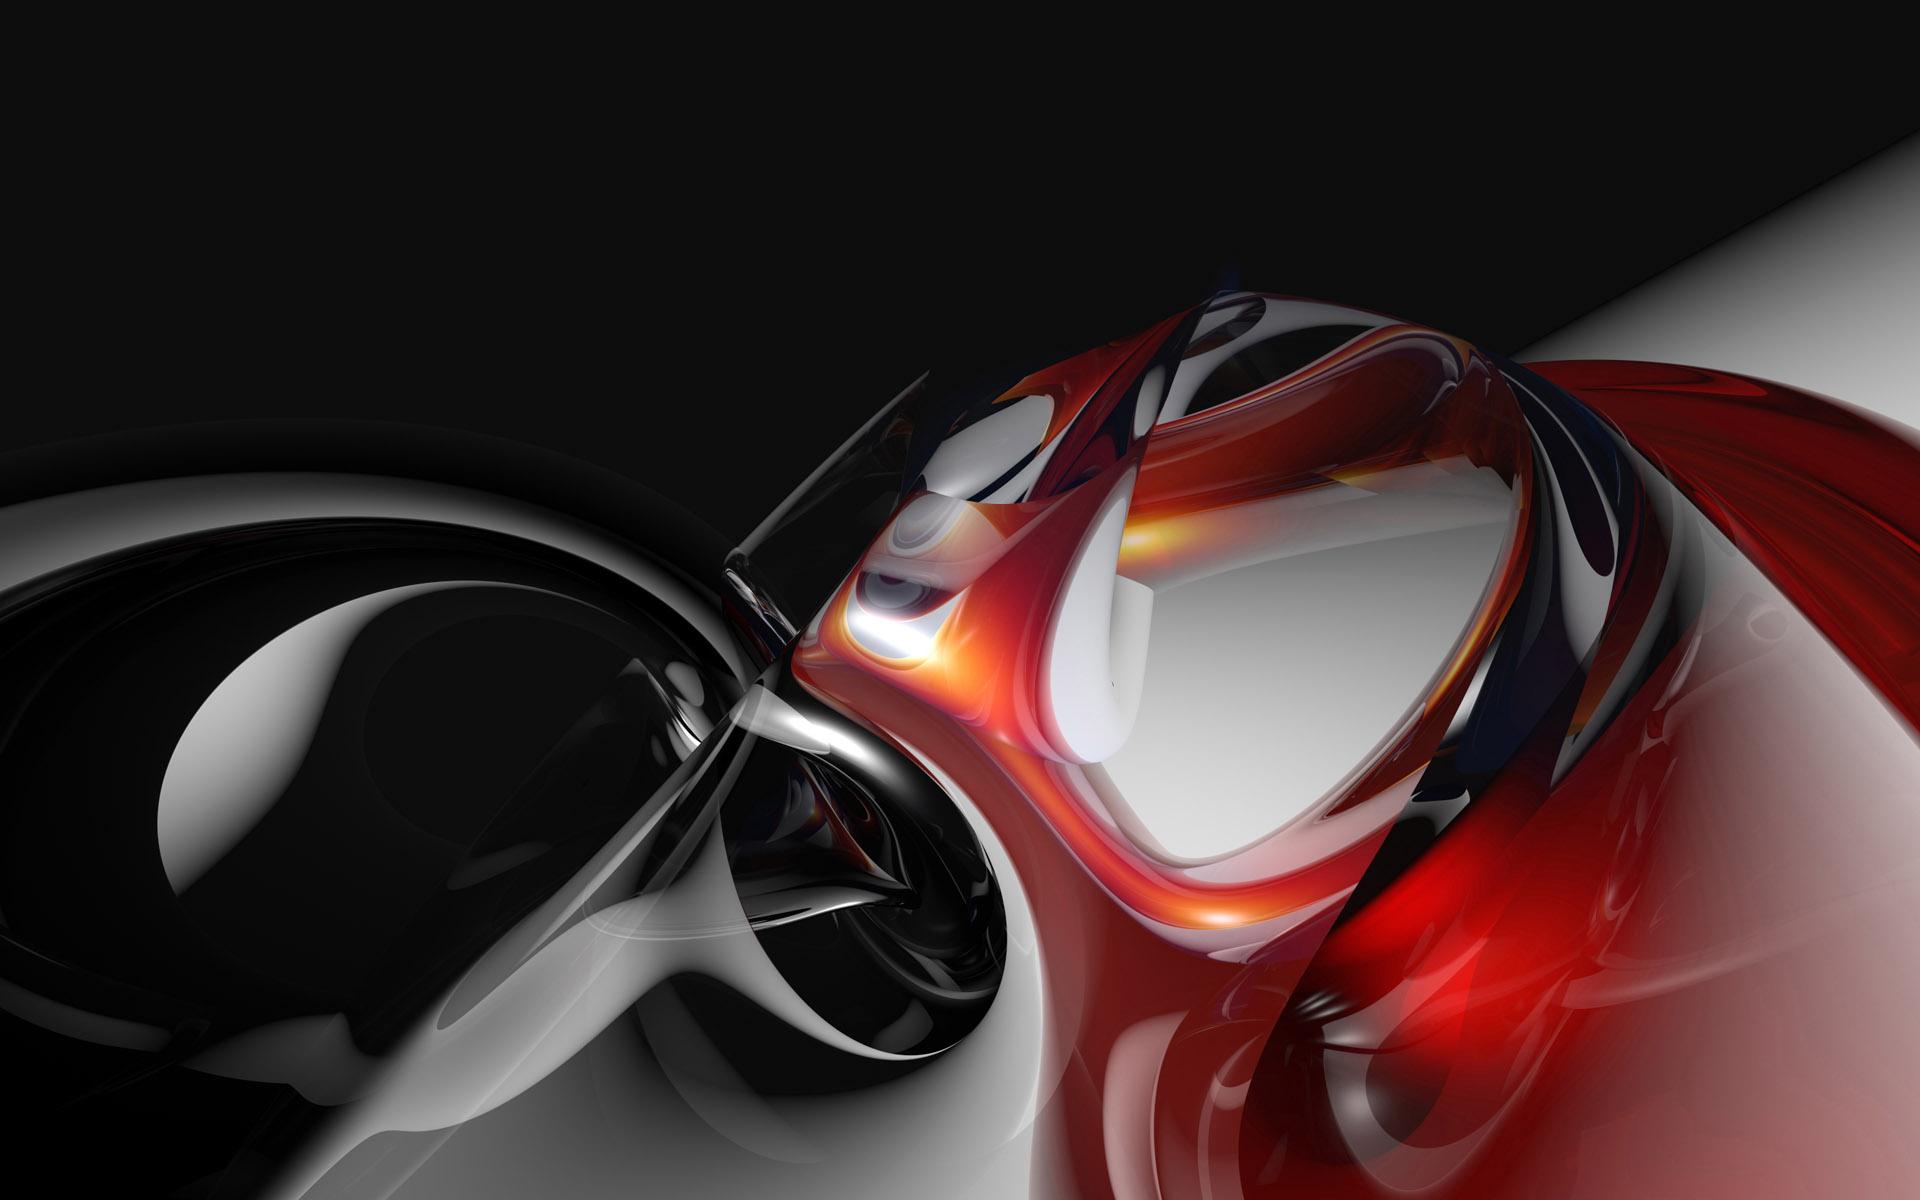 Abstract 3D Wallpaper 17   3D Photography Desktop Wallpapers 8437 1920x1200